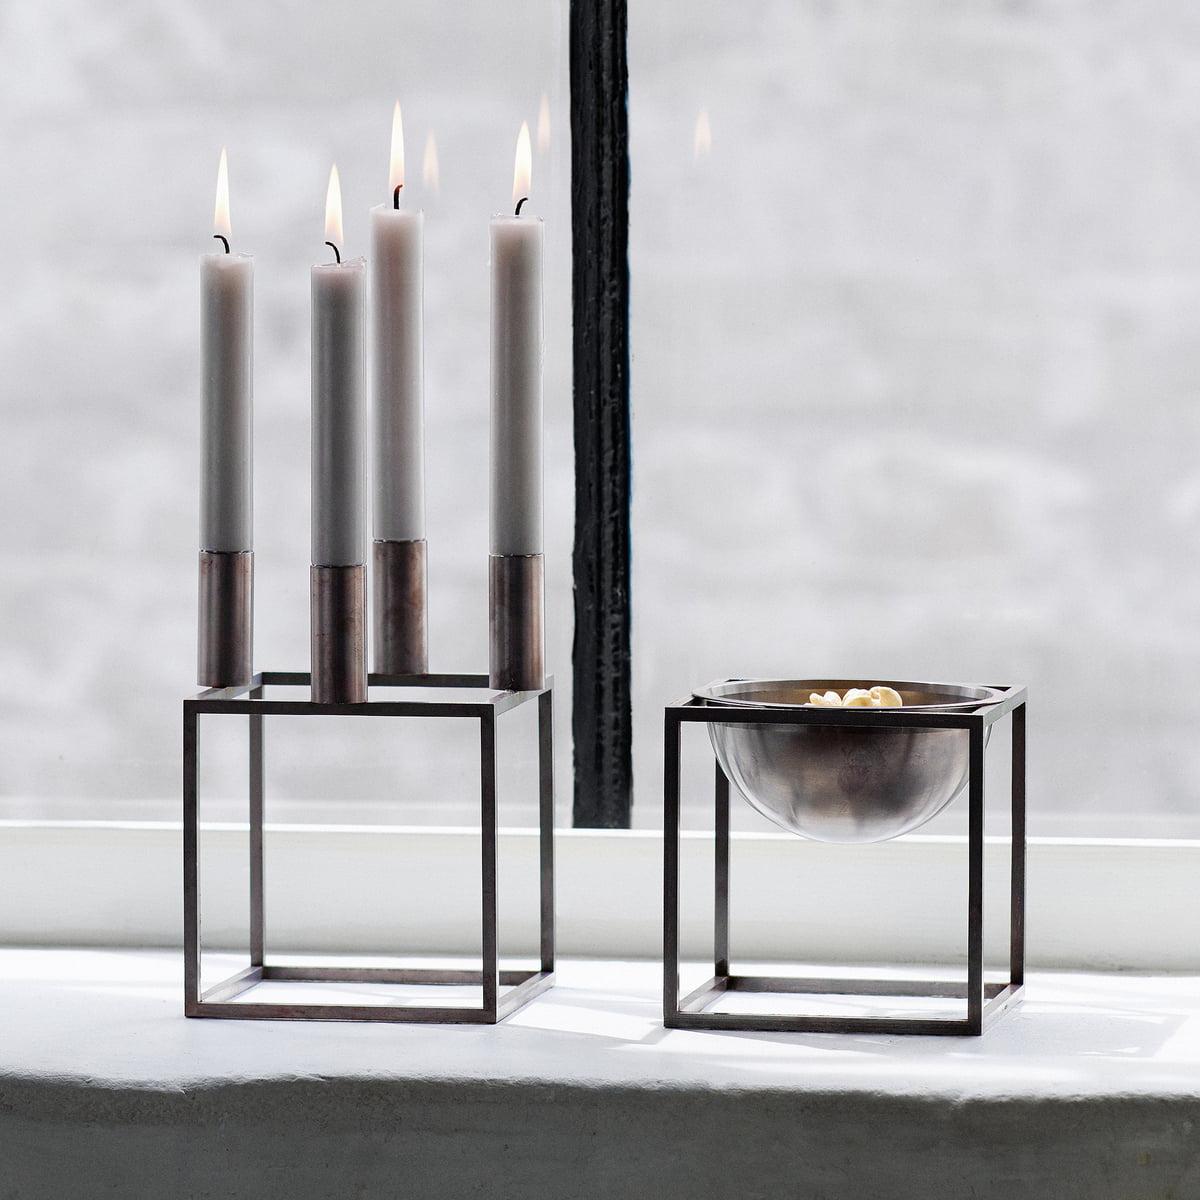 kubus 4 von by lassen connox shop kaufen. Black Bedroom Furniture Sets. Home Design Ideas